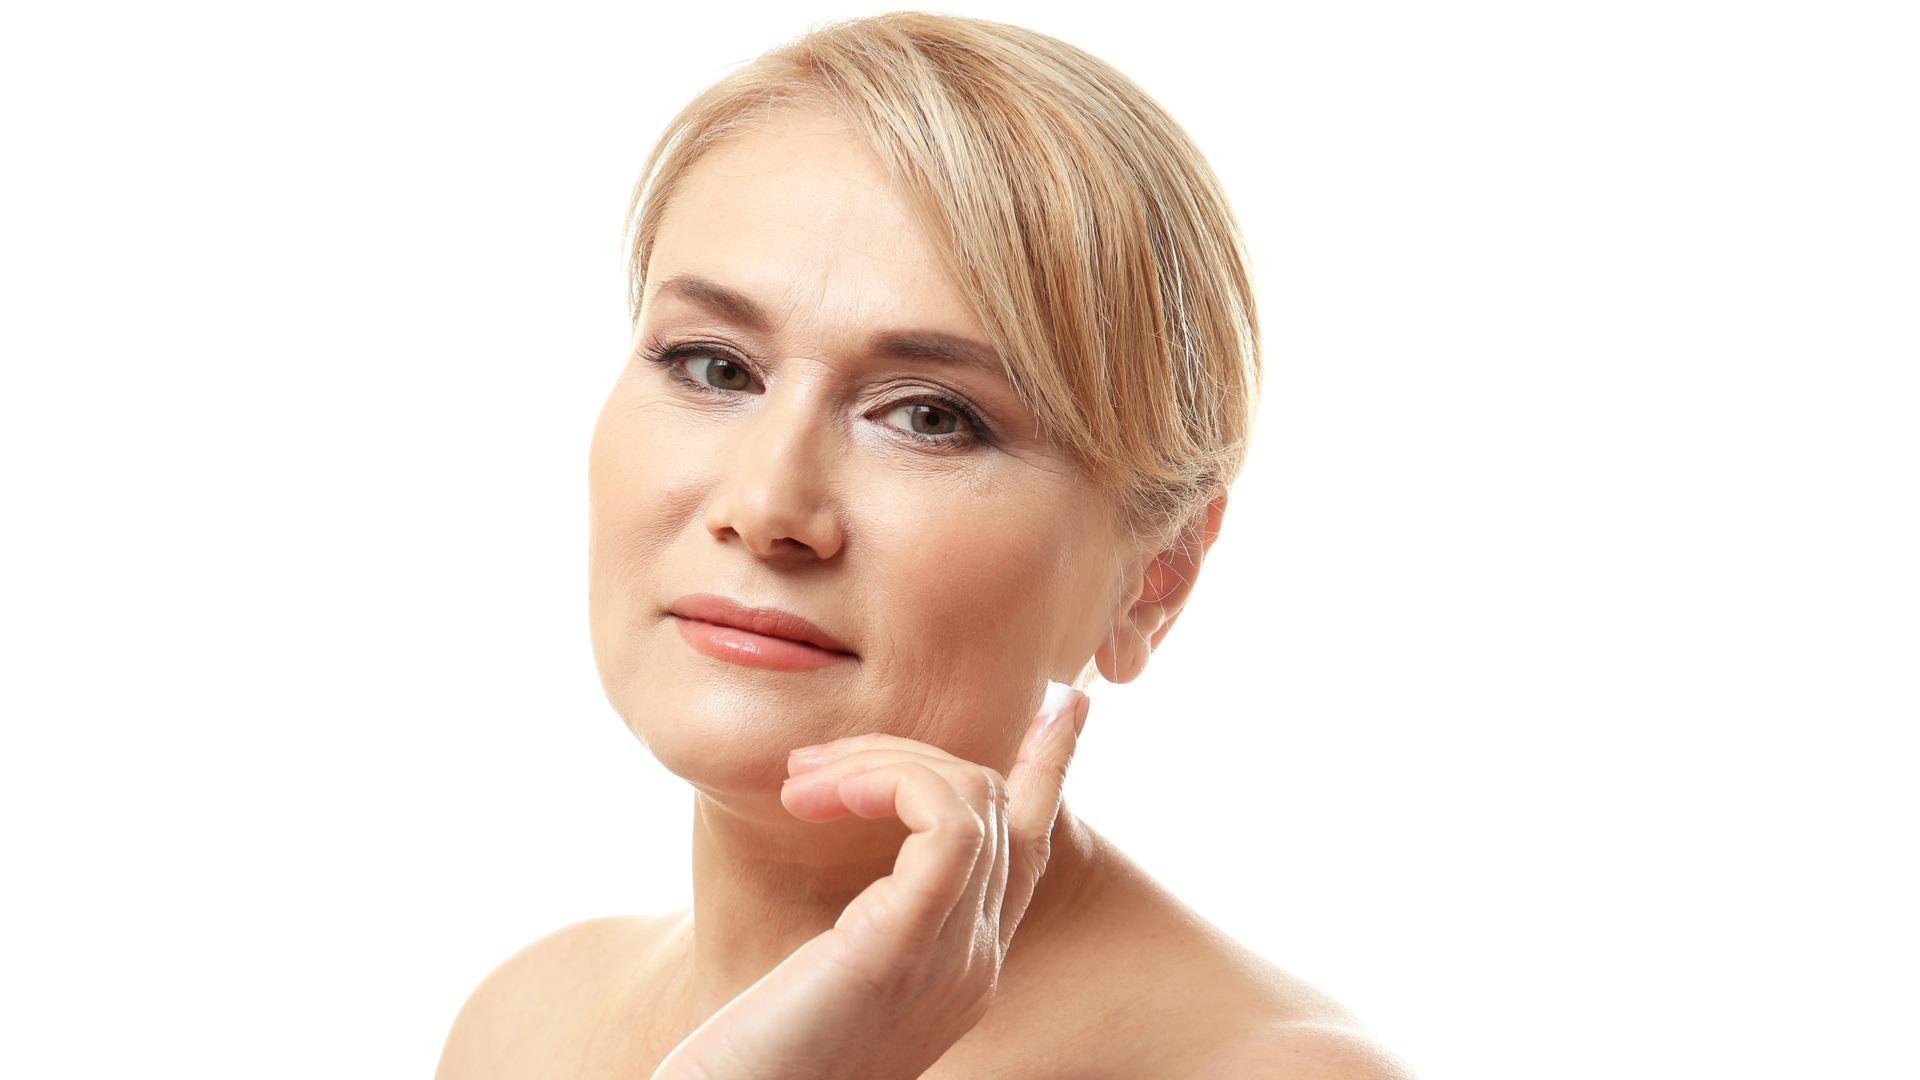 Что такое филлеры для лица, какие бывают, фото до и после, цена процедуры, отзывы